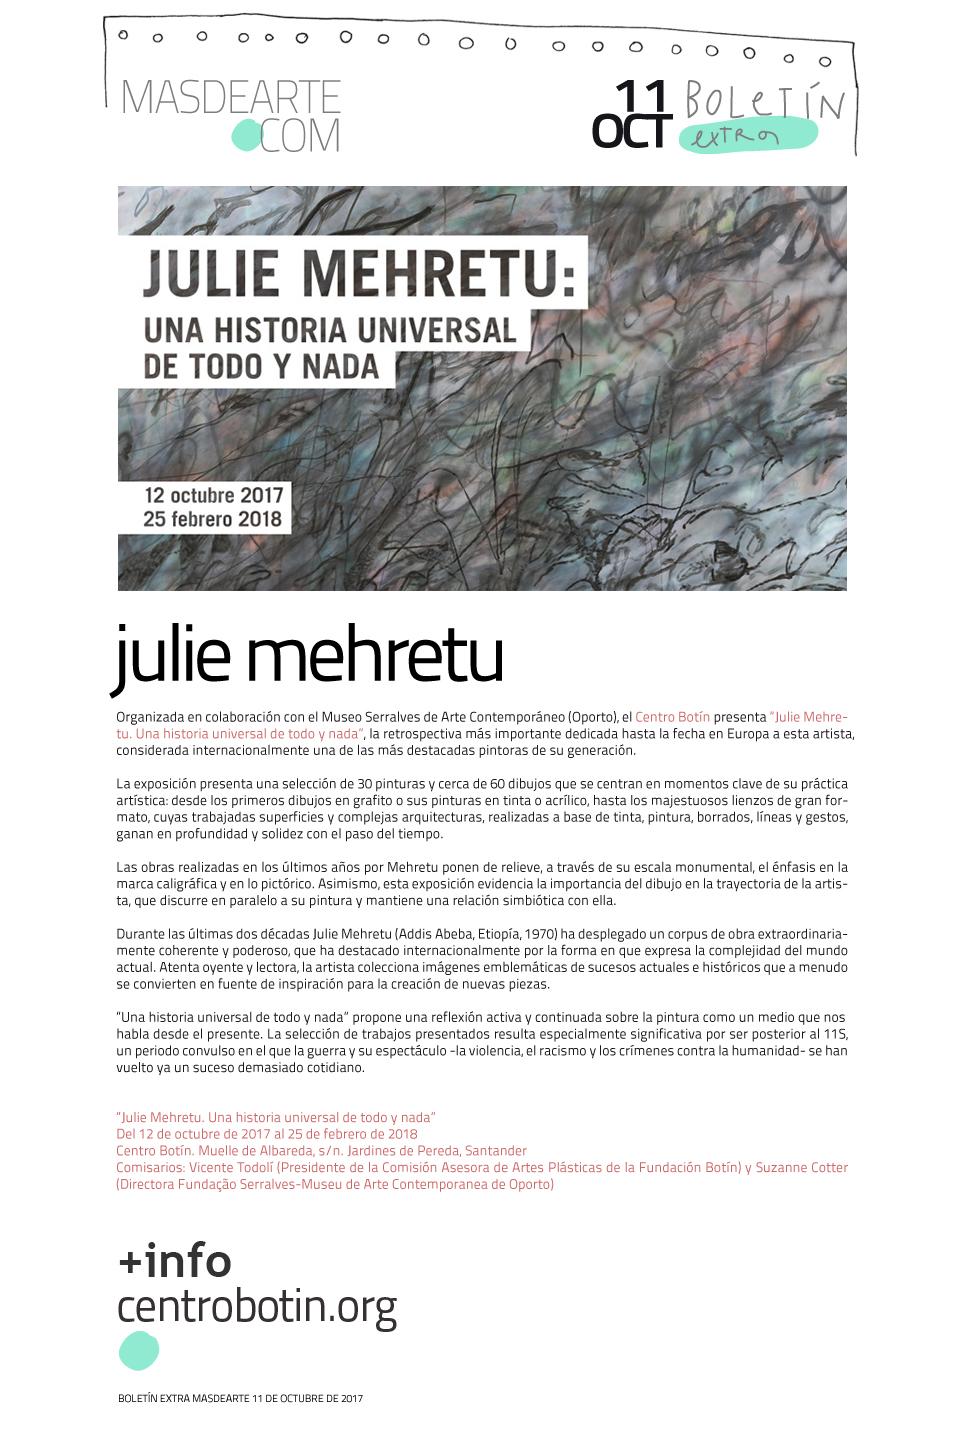 Exposición de Julie Mehretu en el Centro Botín de Santander. Del 12 de octubre de 2017 al 25 de febrero de 2018